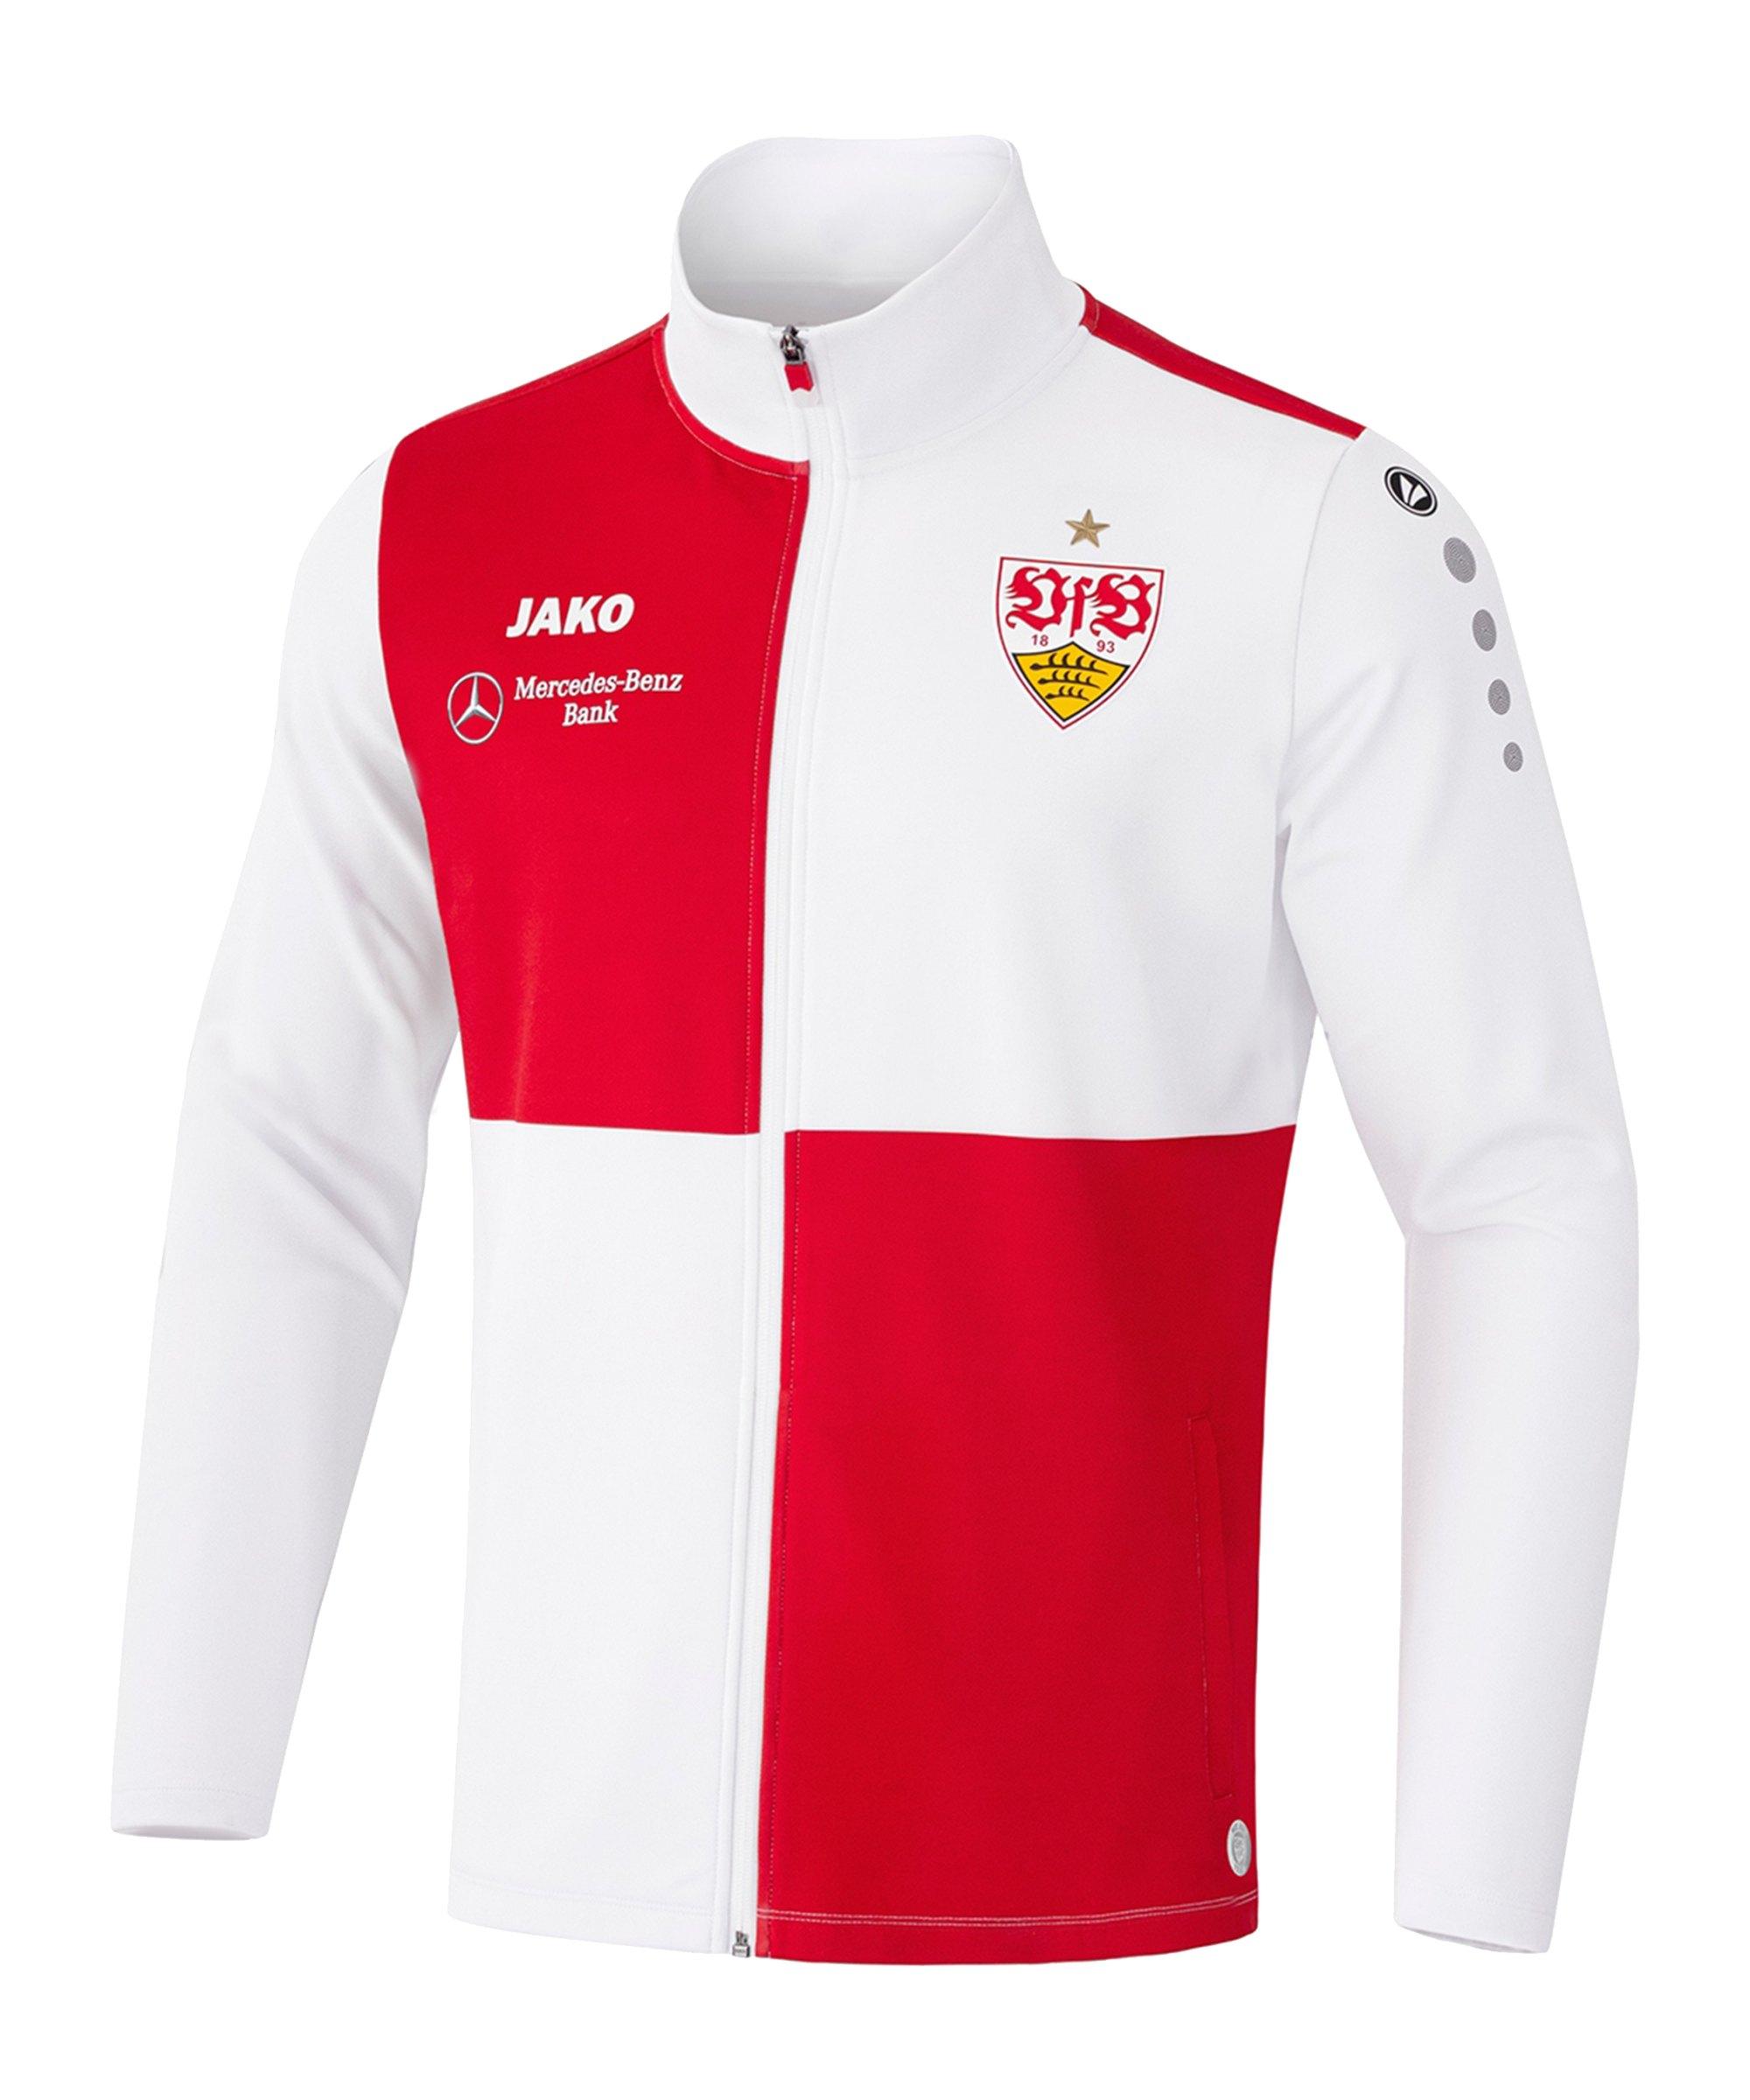 JAKO VfB Stuttgart Einlaufjacke 2021/2022 Kids Weiss Rot F11 - weiss